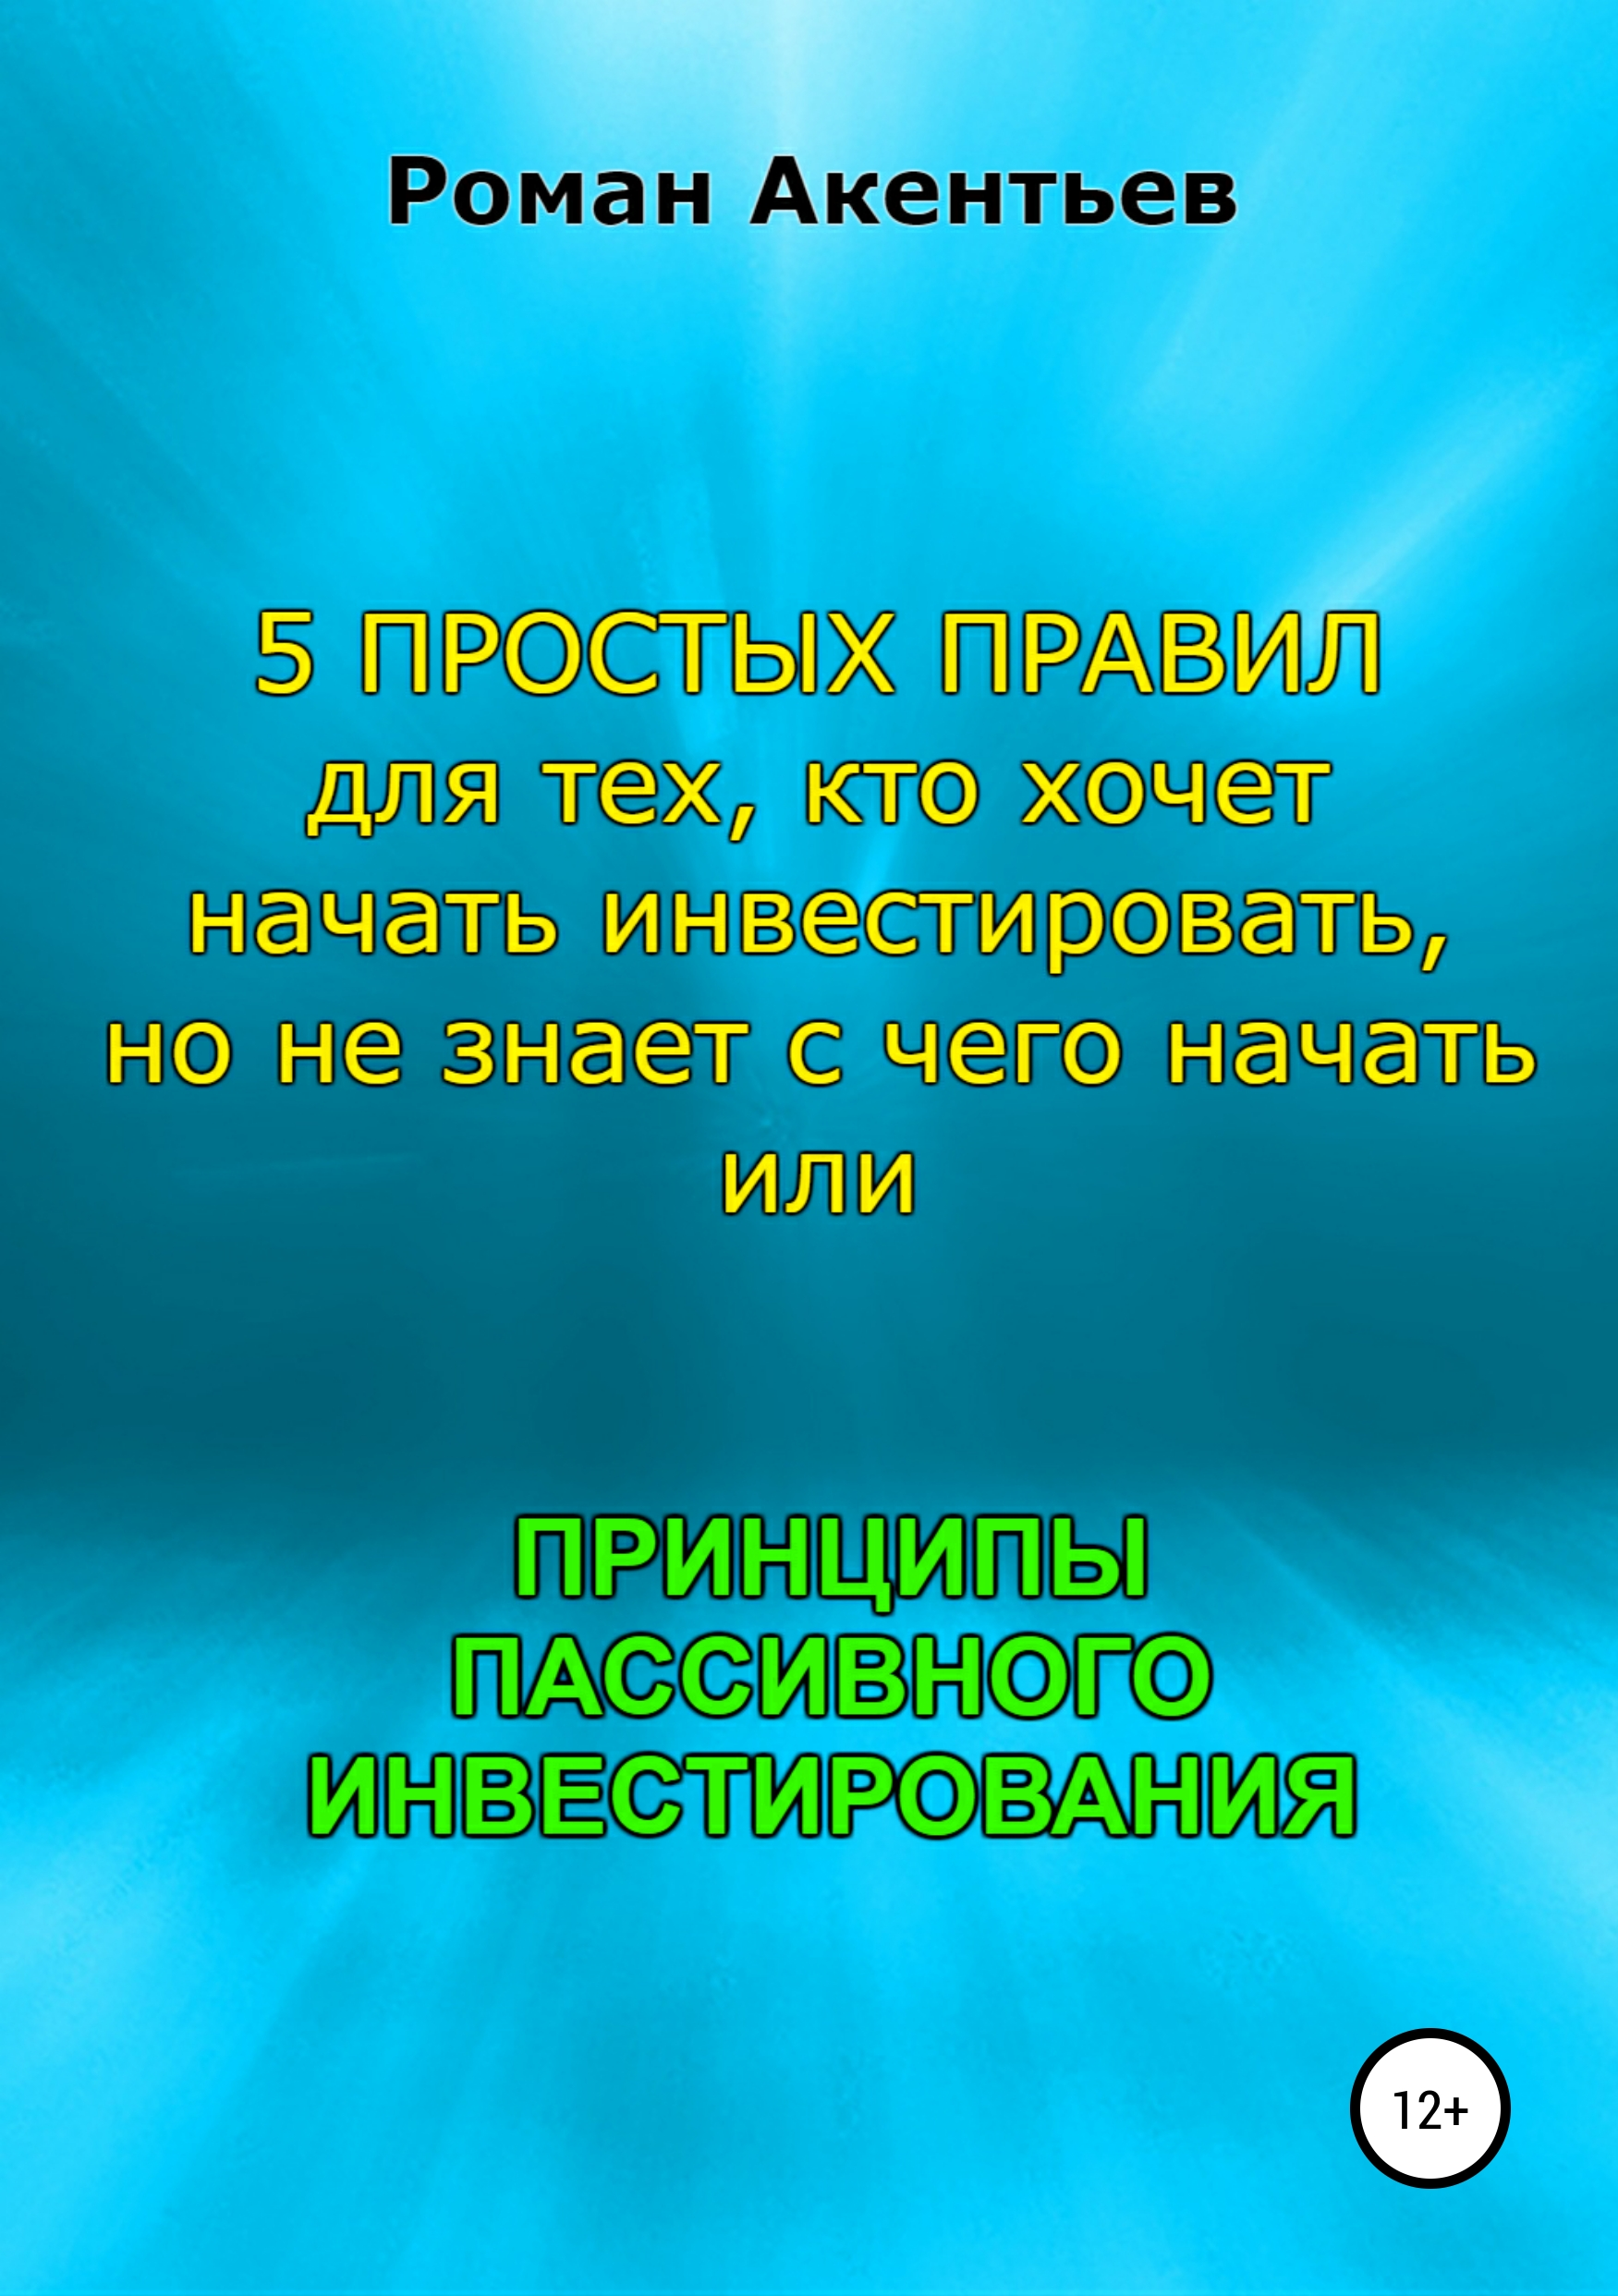 Обложка книги. Автор - Роман Акентьев